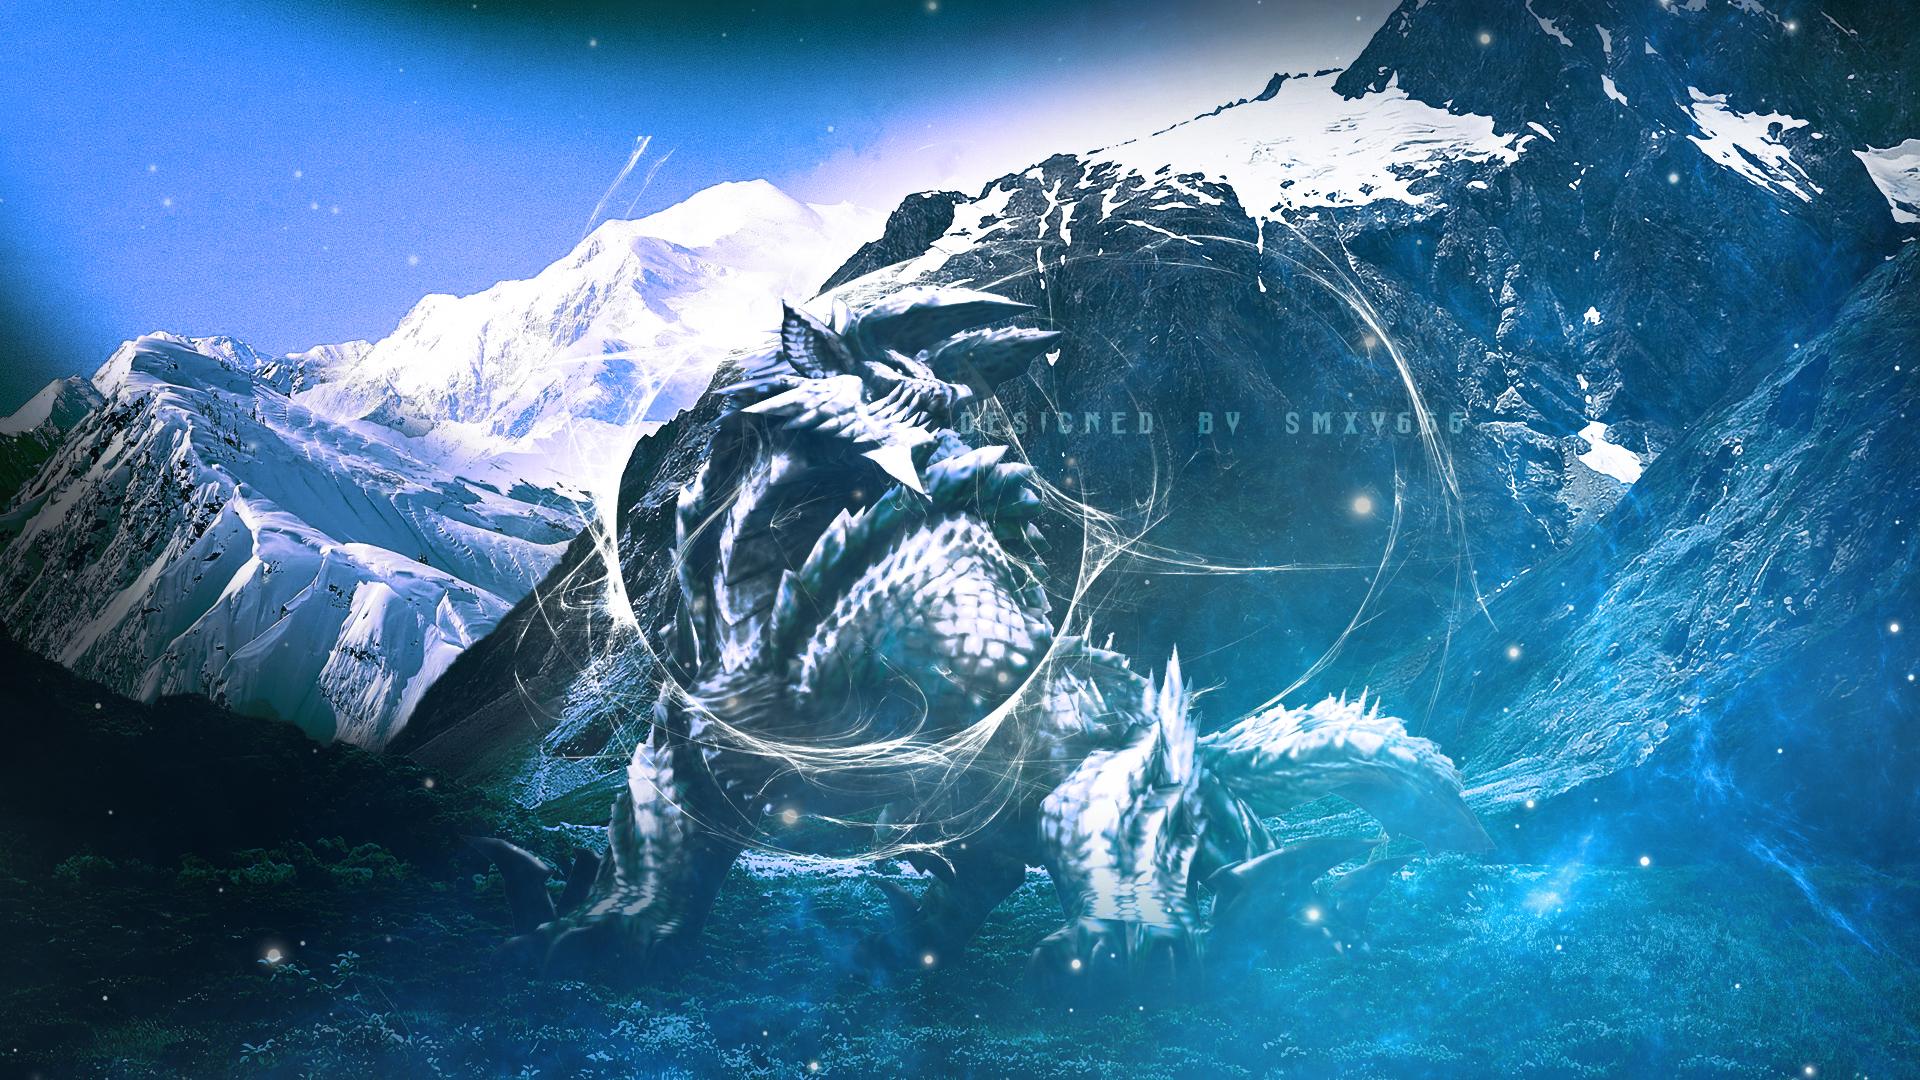 Free Download Wallpaper Monster Jinorga Hunter High Art 1920x1080